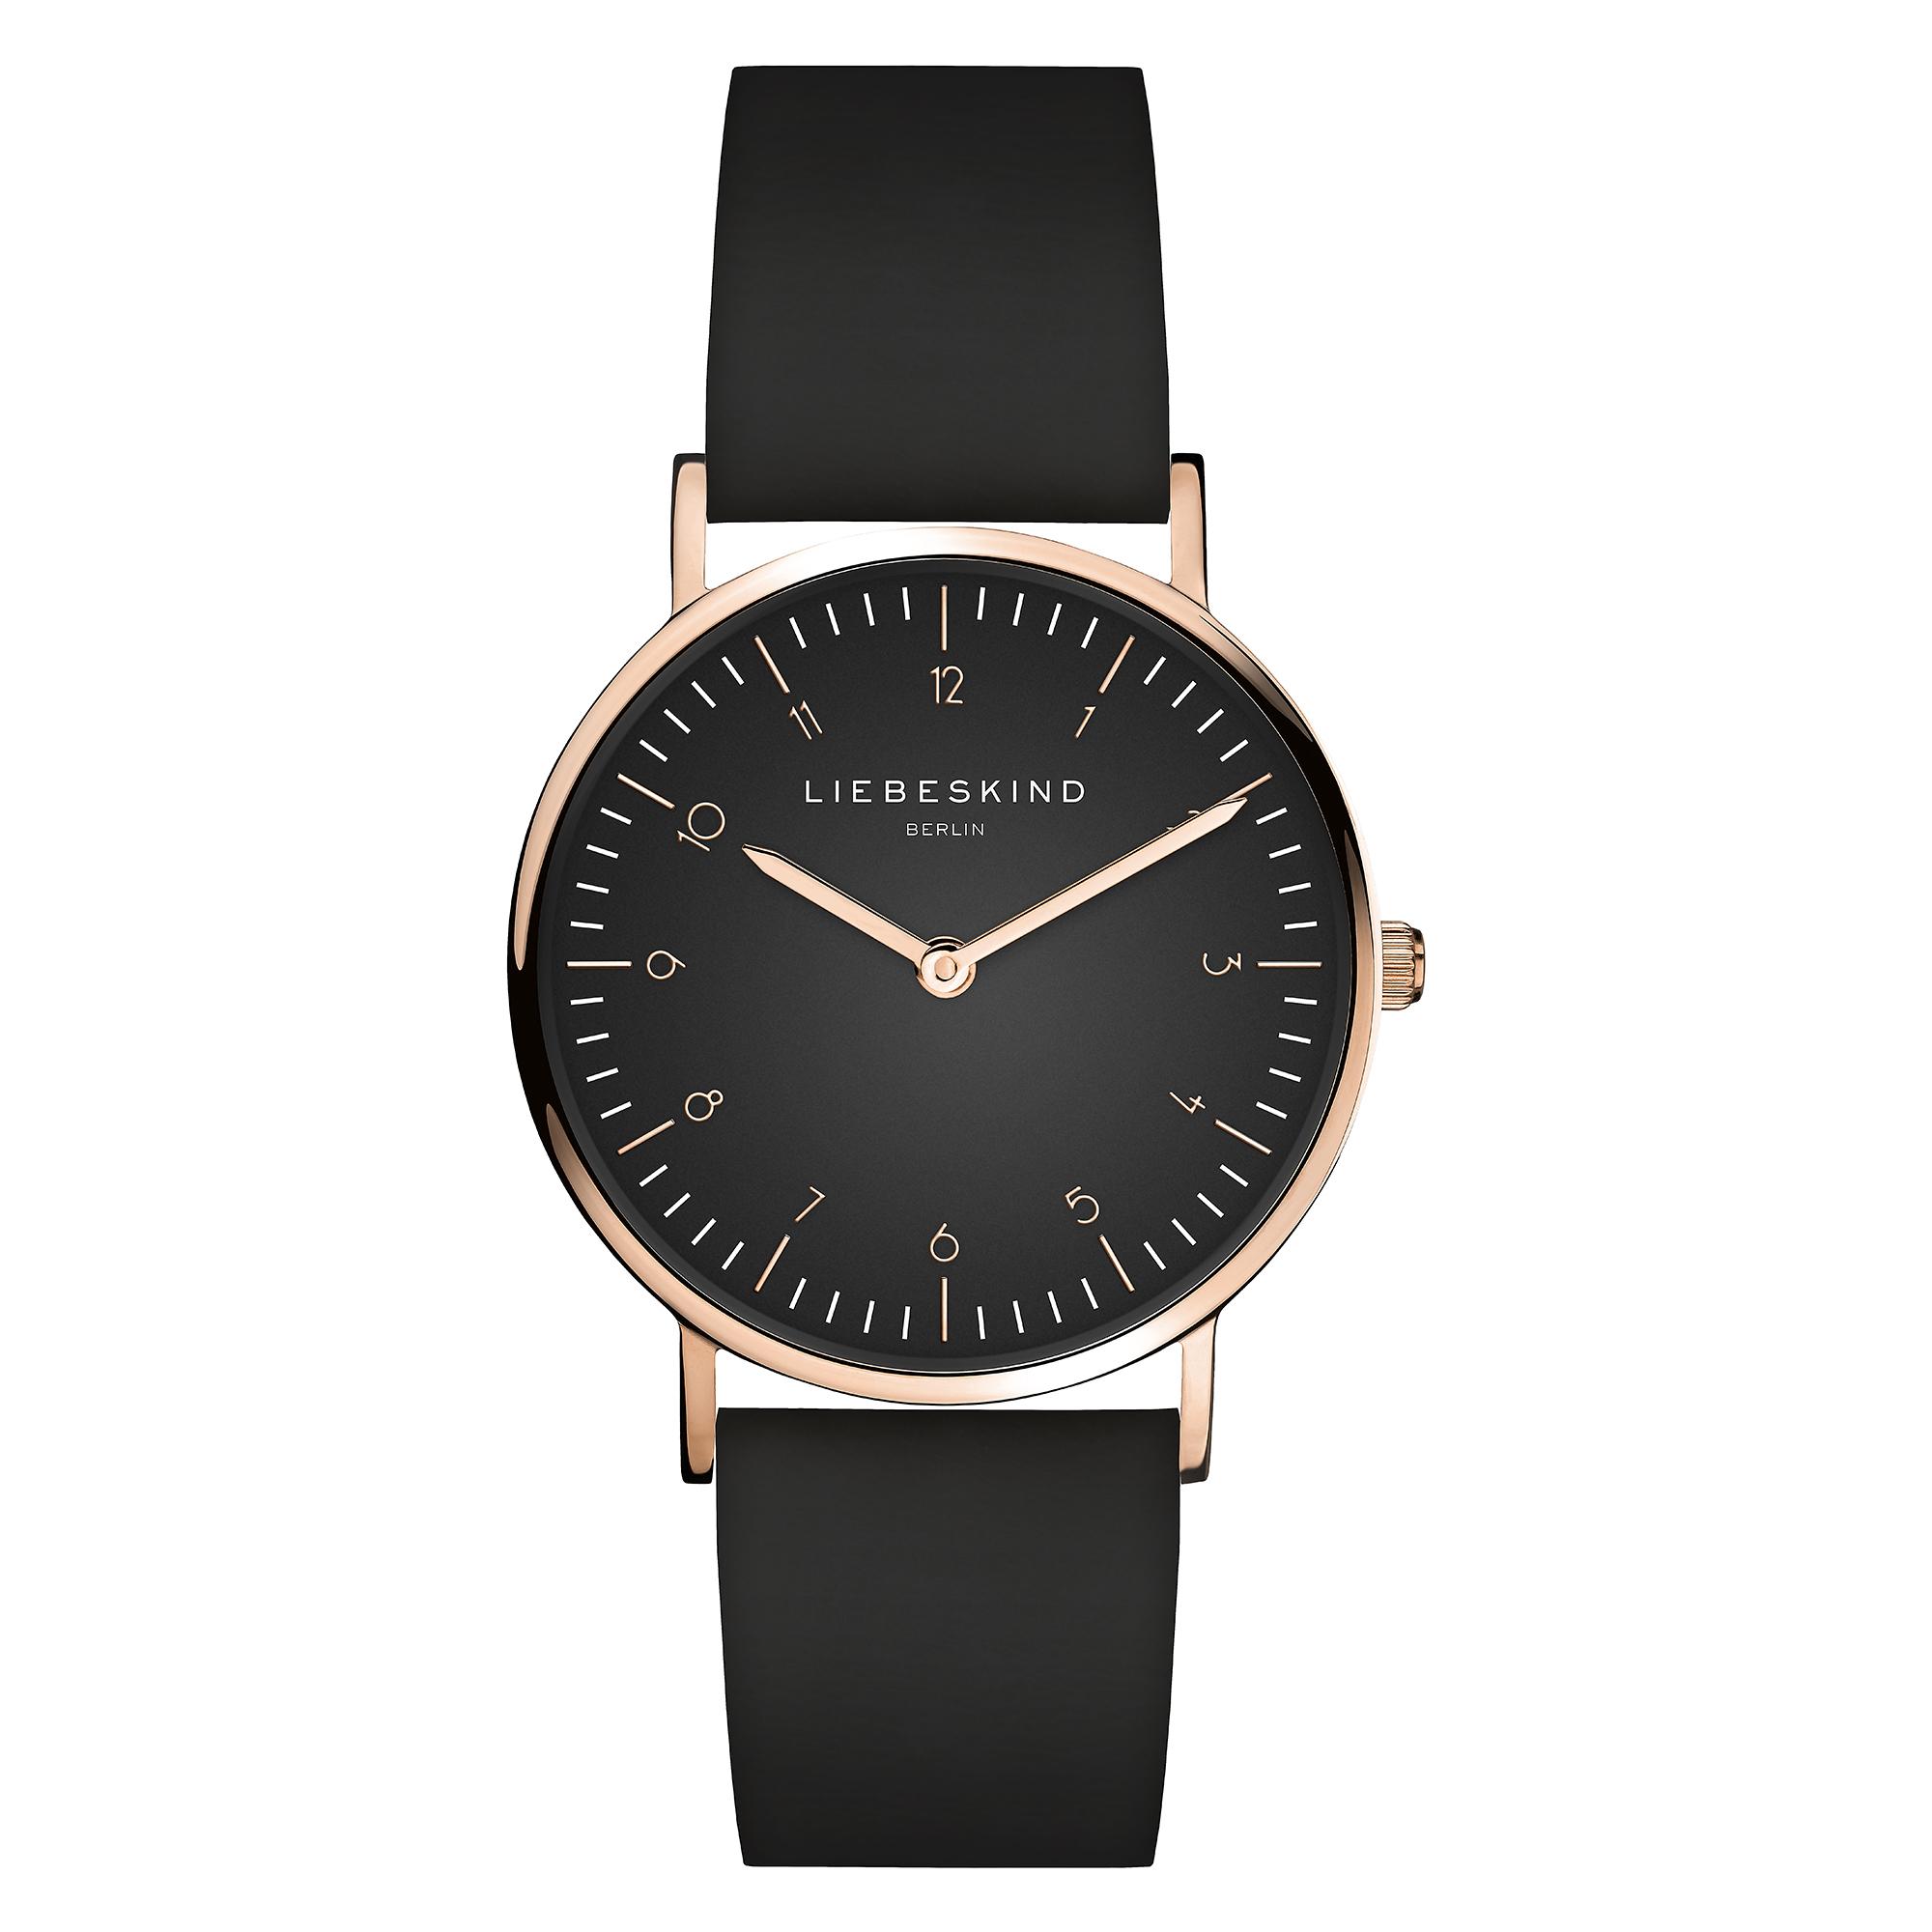 LIEBESKIND BERLIN Damen Uhr Armbanduhr Leder LT-0044-LM